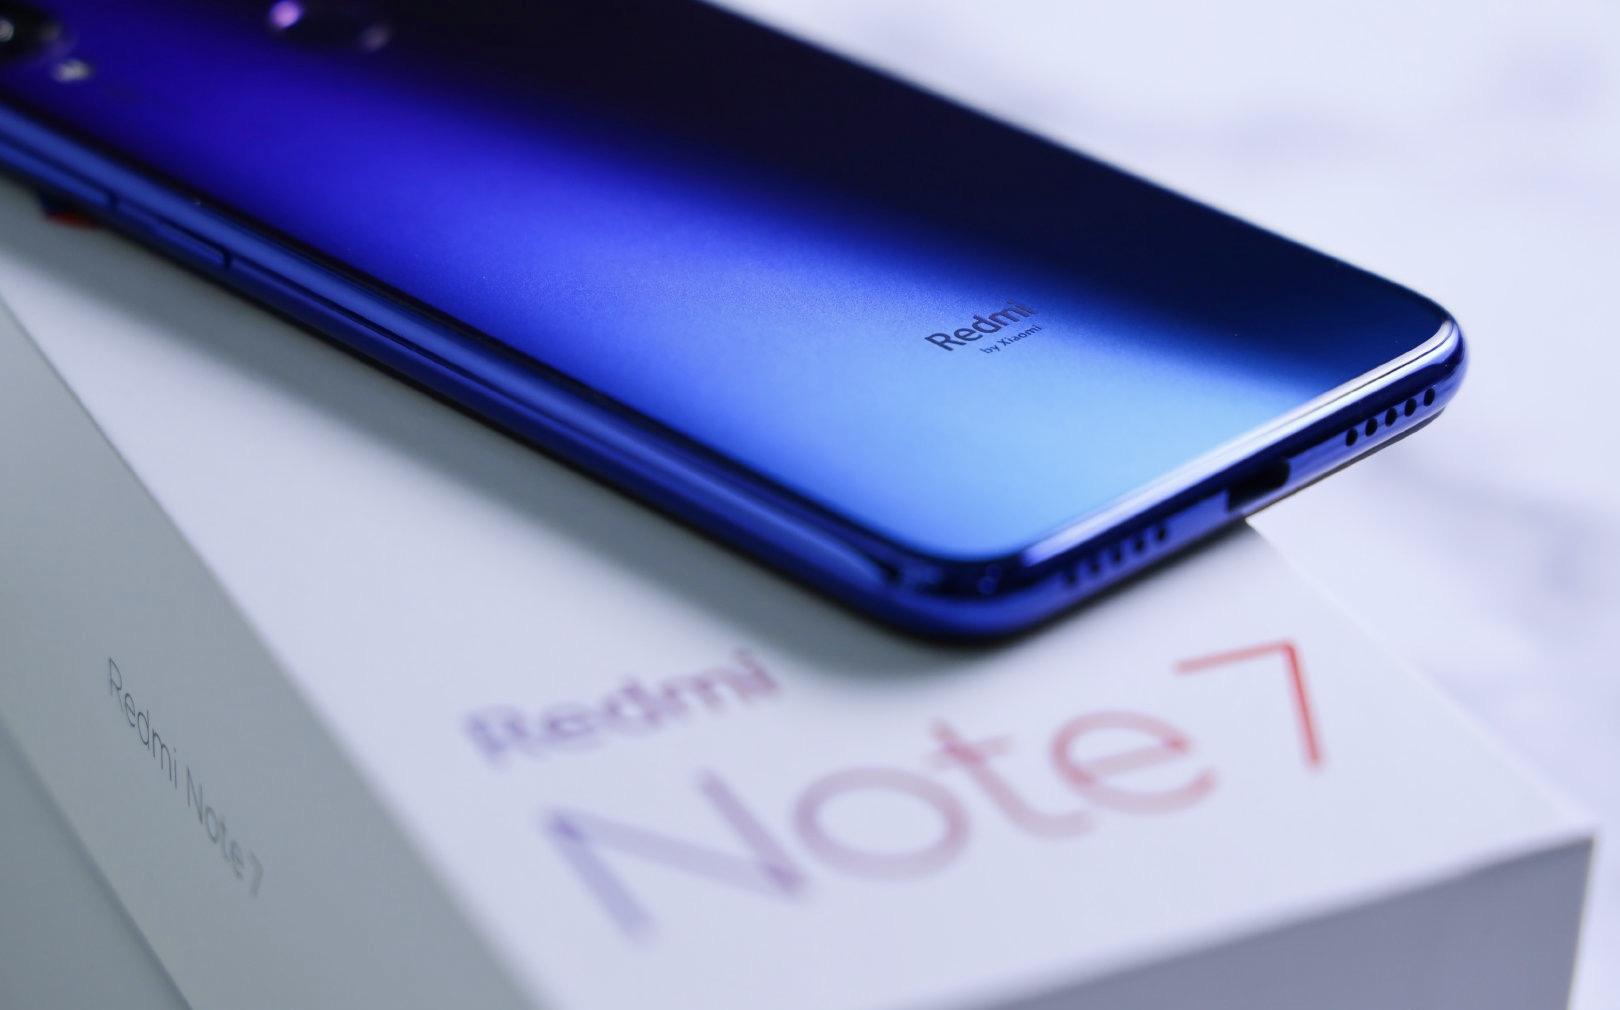 Dónde comprar el Xiaomi Mi 9 SE GLOBAL y Redmi Note 7 GLOBAL al